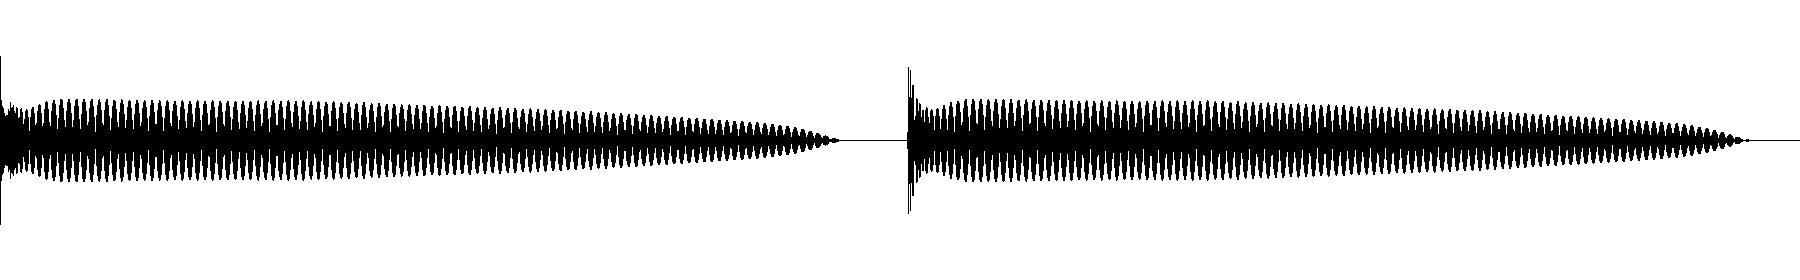 a sinekicklooplong